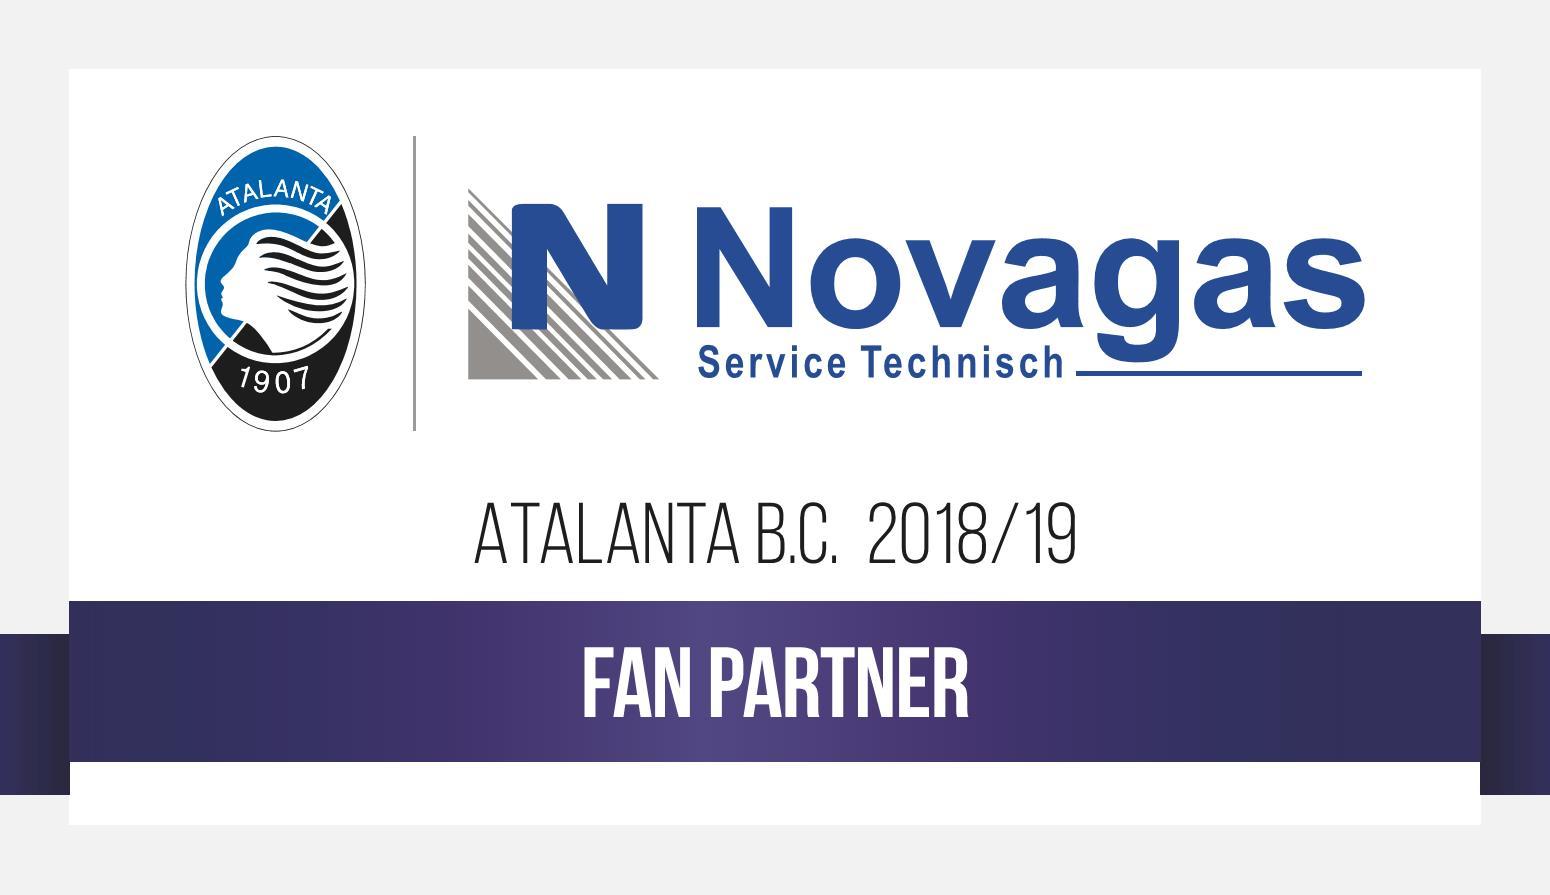 Gruppo Novagas E Atalanta: Un Connubio Vincente